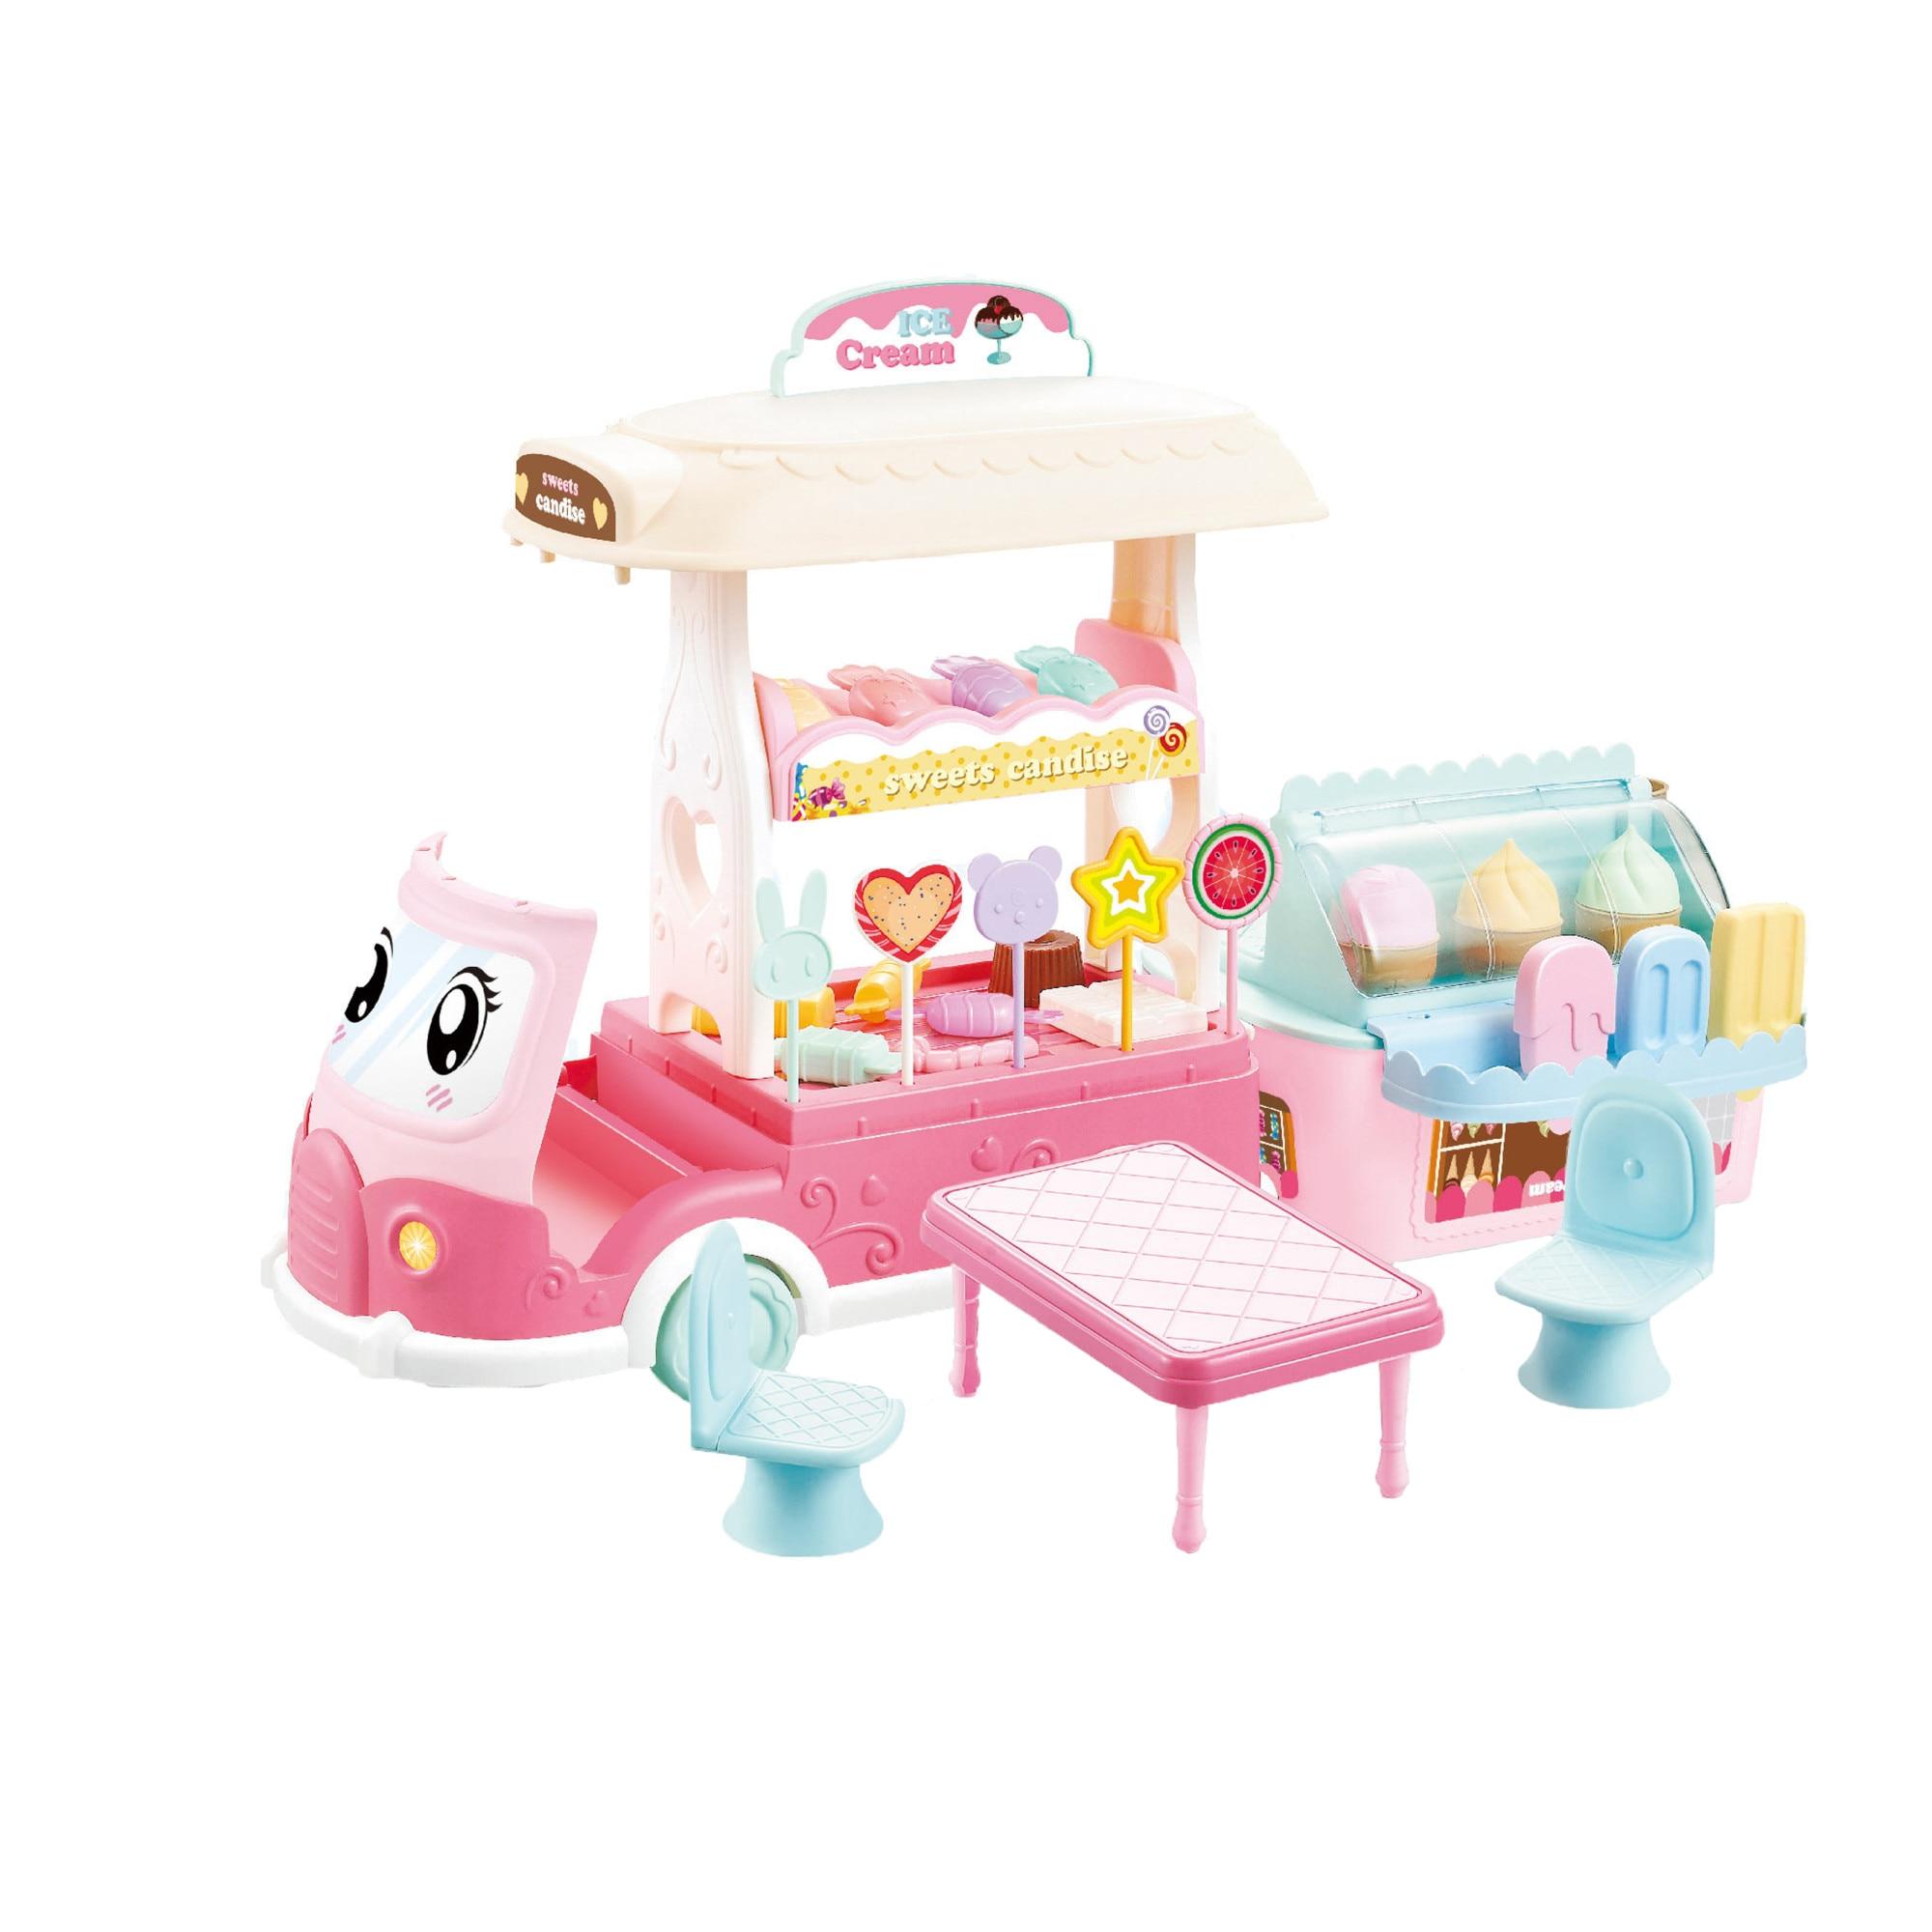 Fotografie Set de joaca M-Toys Masinuta cu inghetata si bomboane, Roz